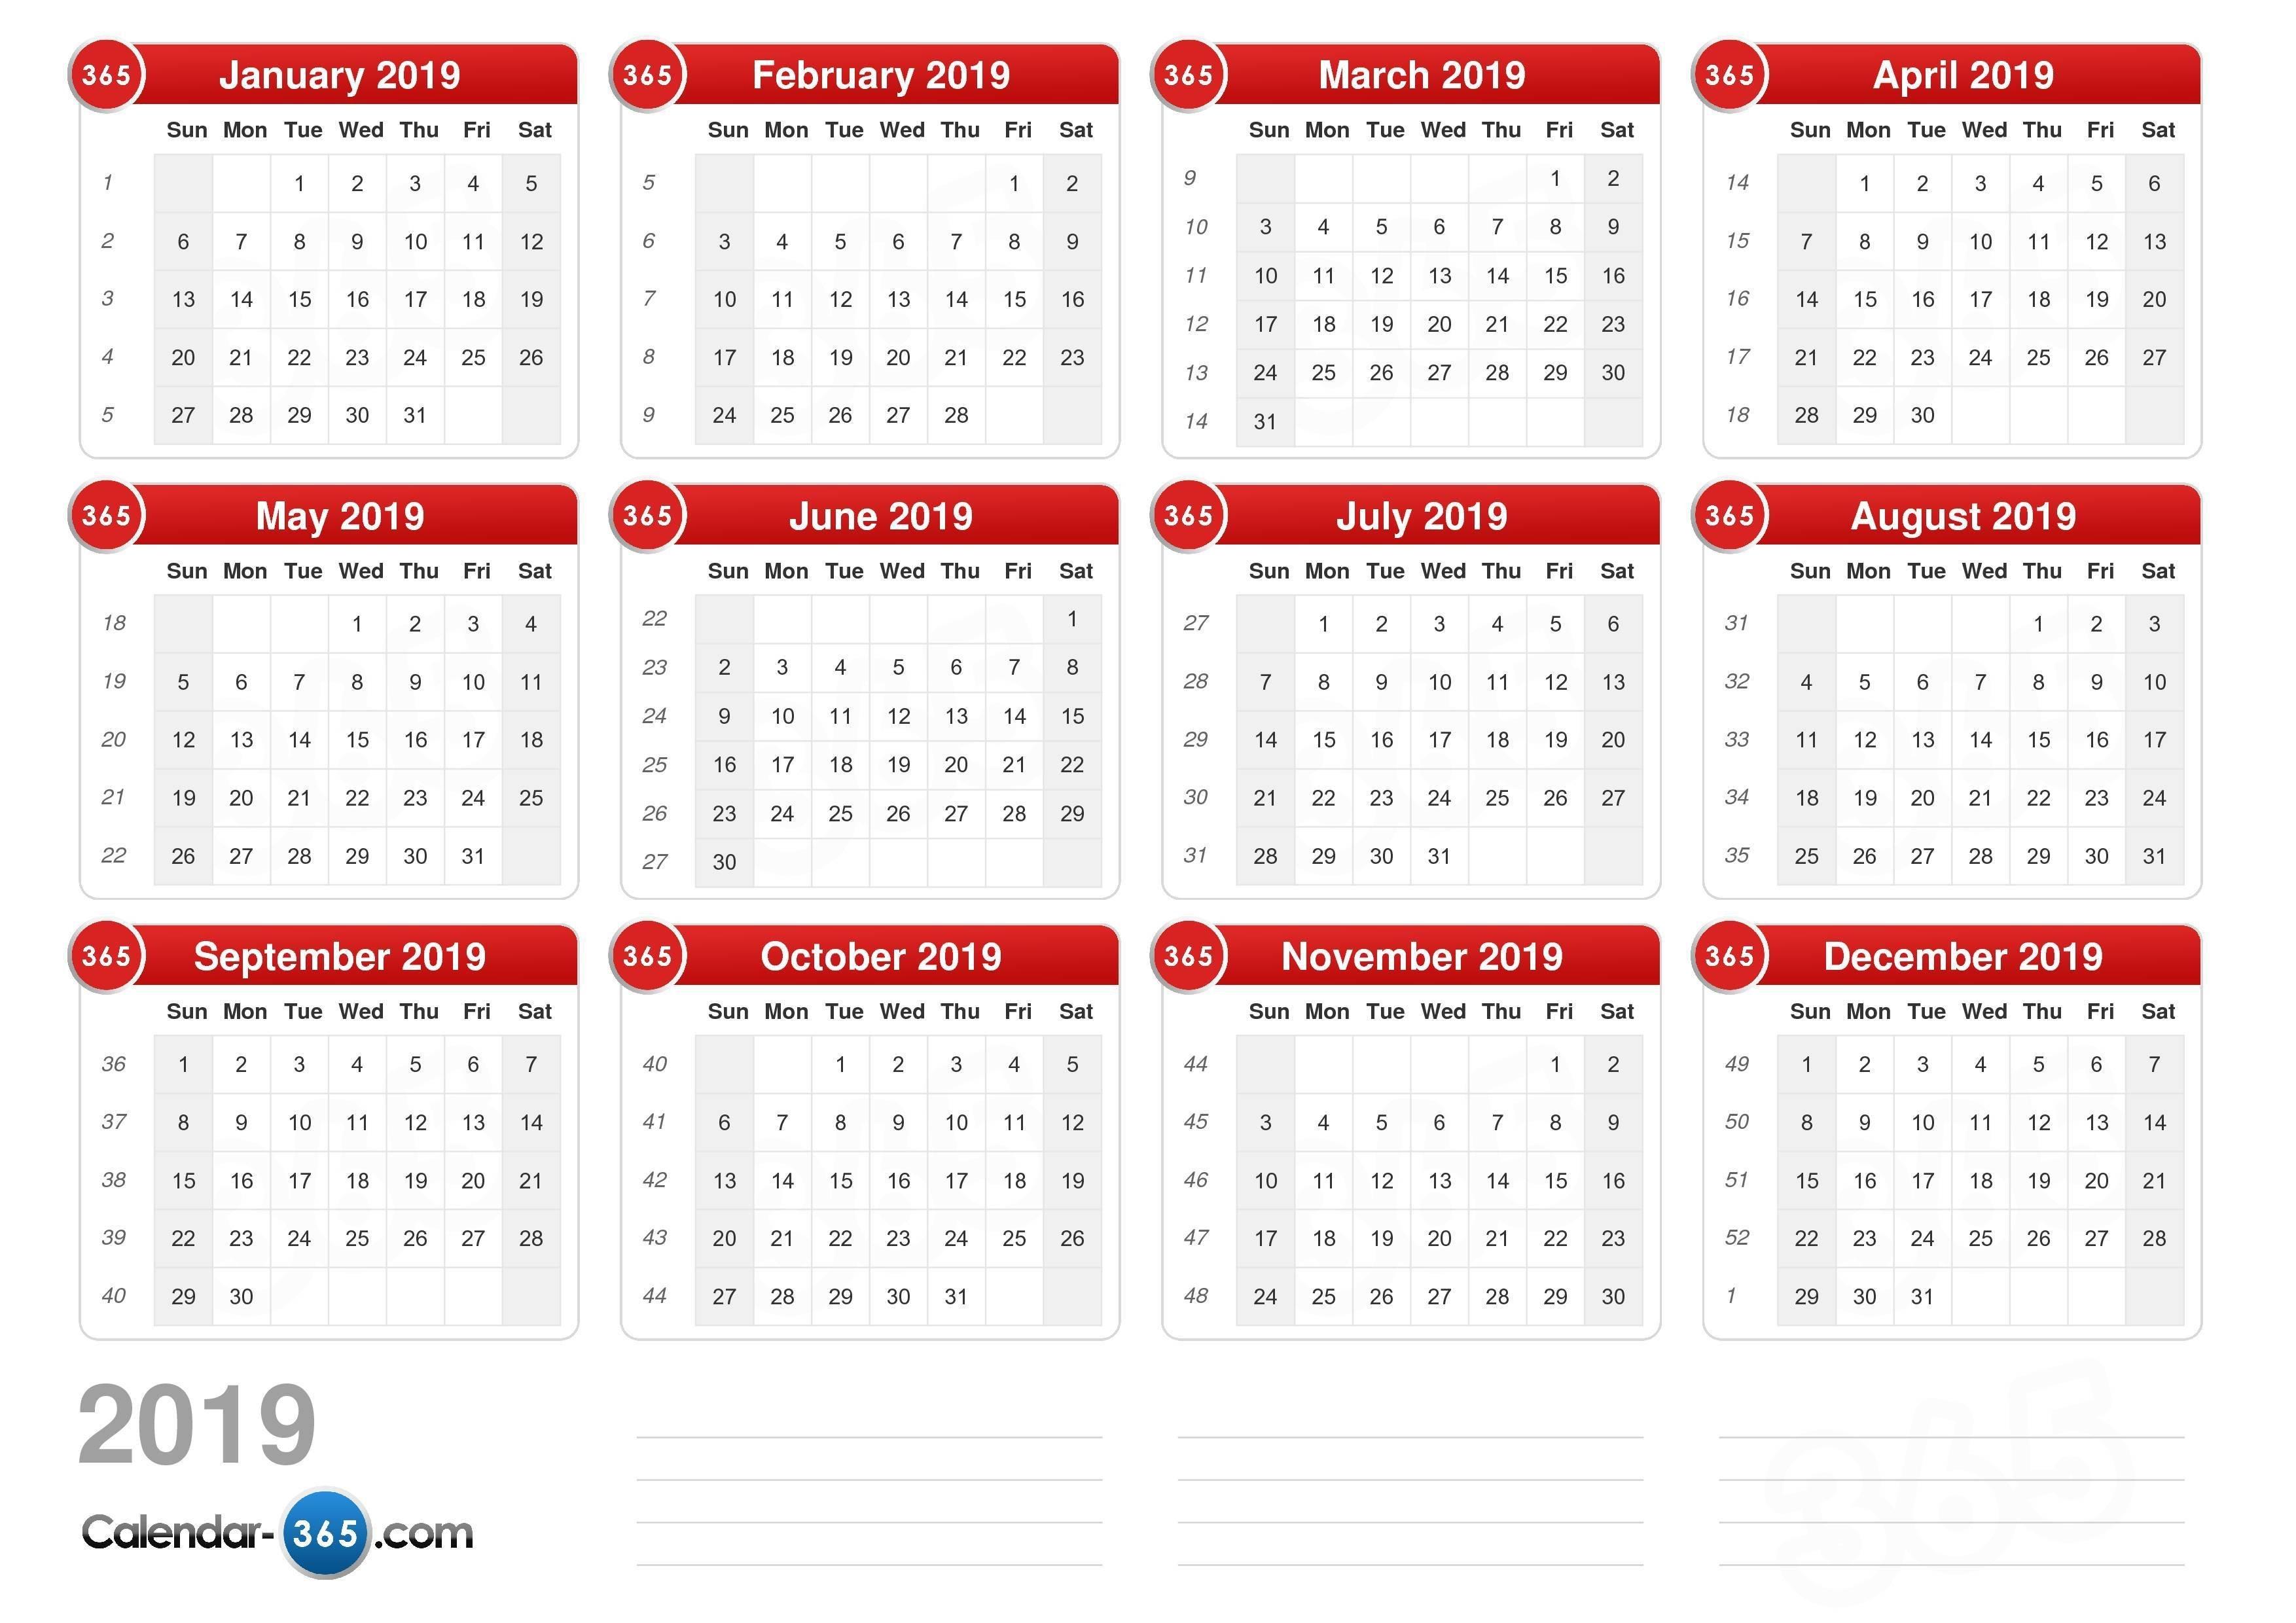 2019 Calendar Calendar Week 51 2019